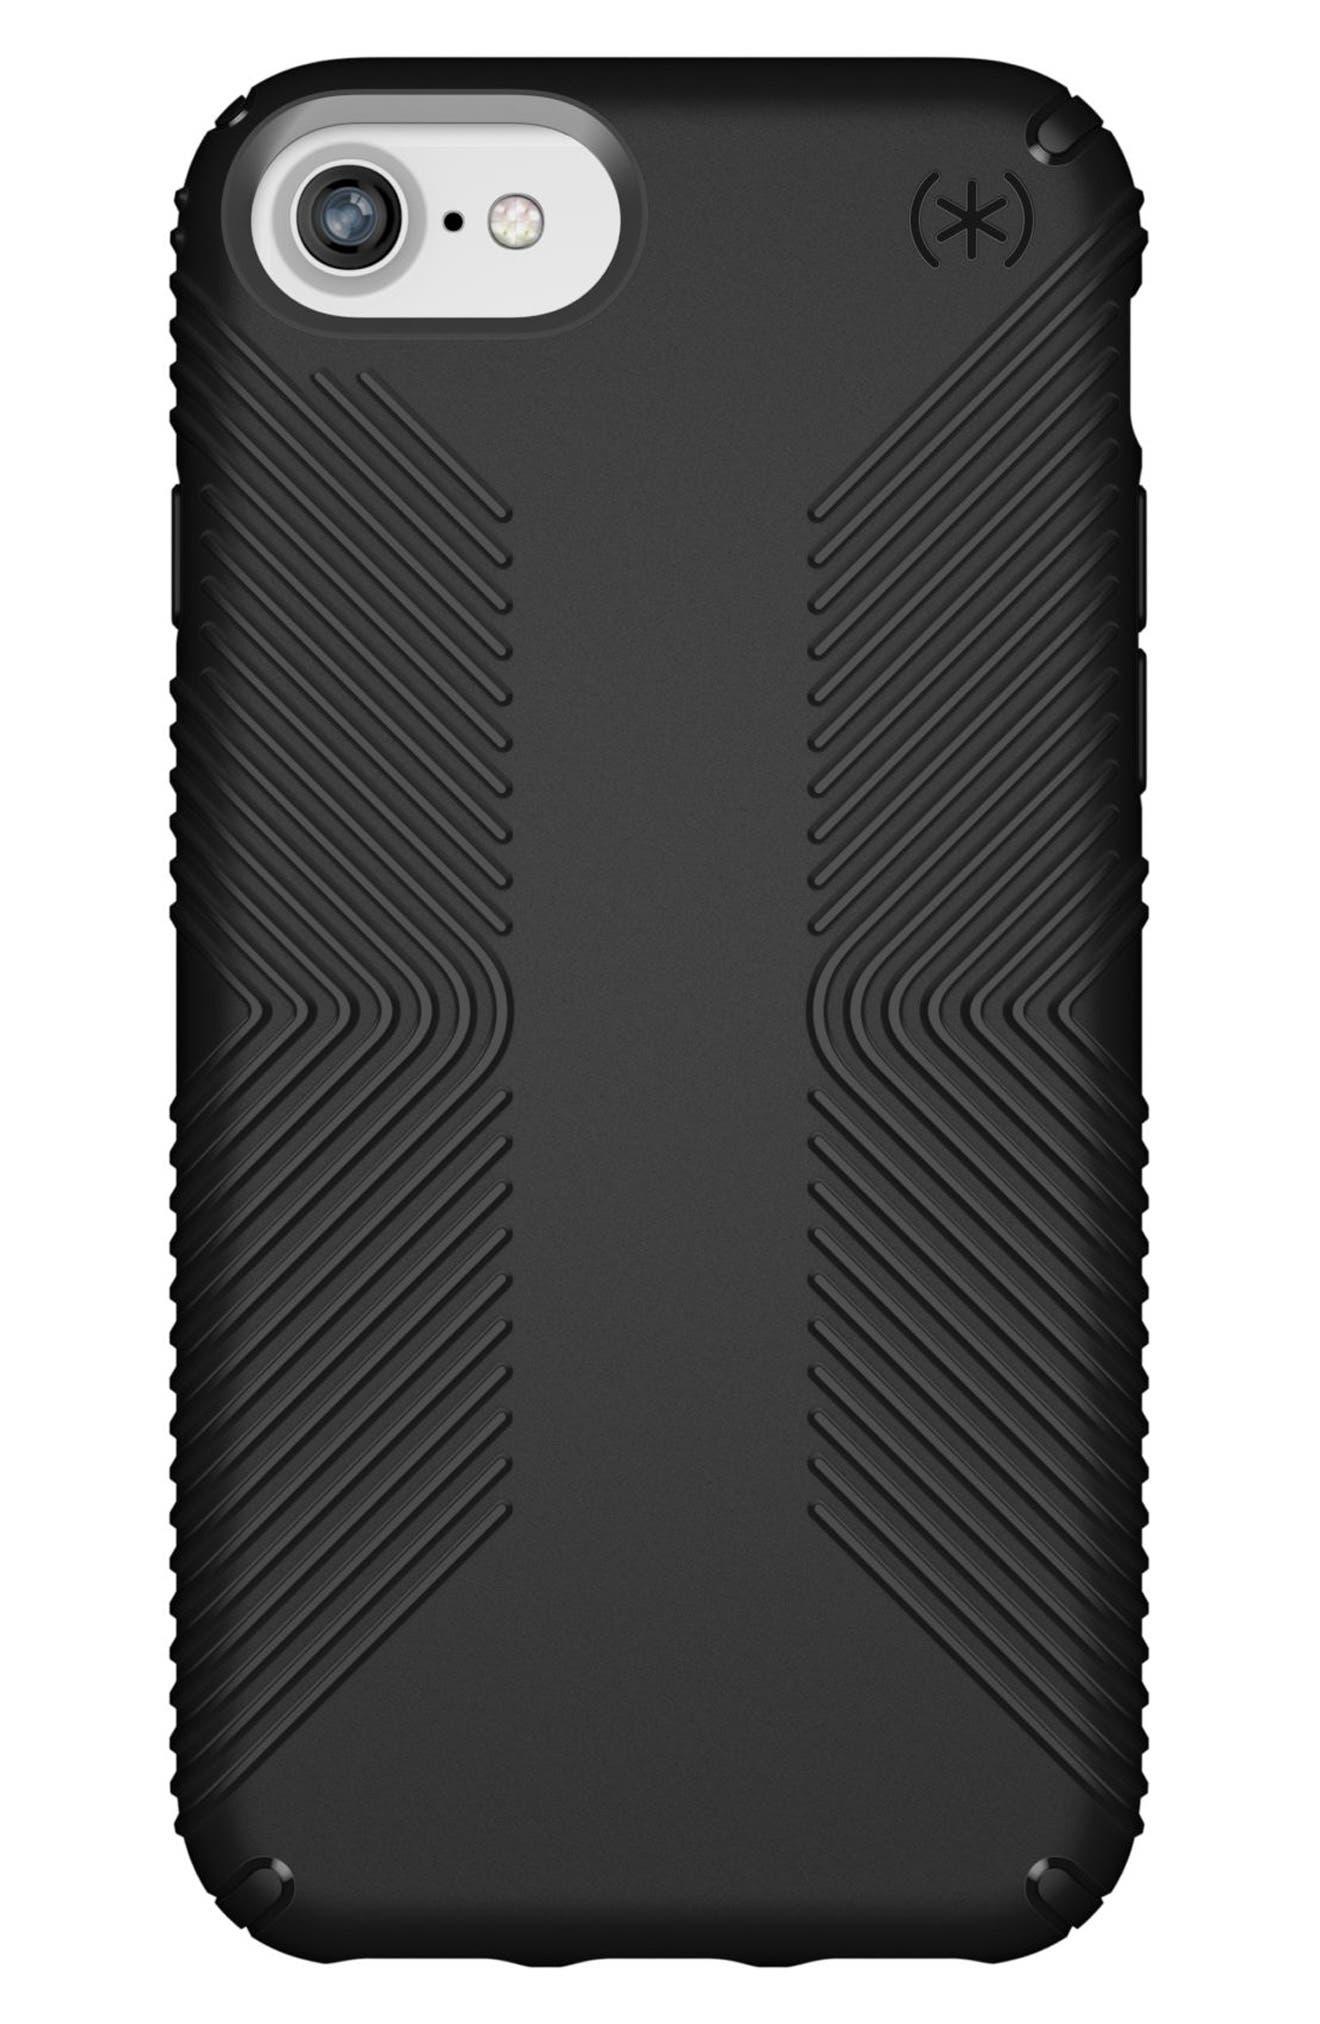 Grip iPhone 6/6s/7/8 Case,                             Main thumbnail 1, color,                             BLACK/ BLACK